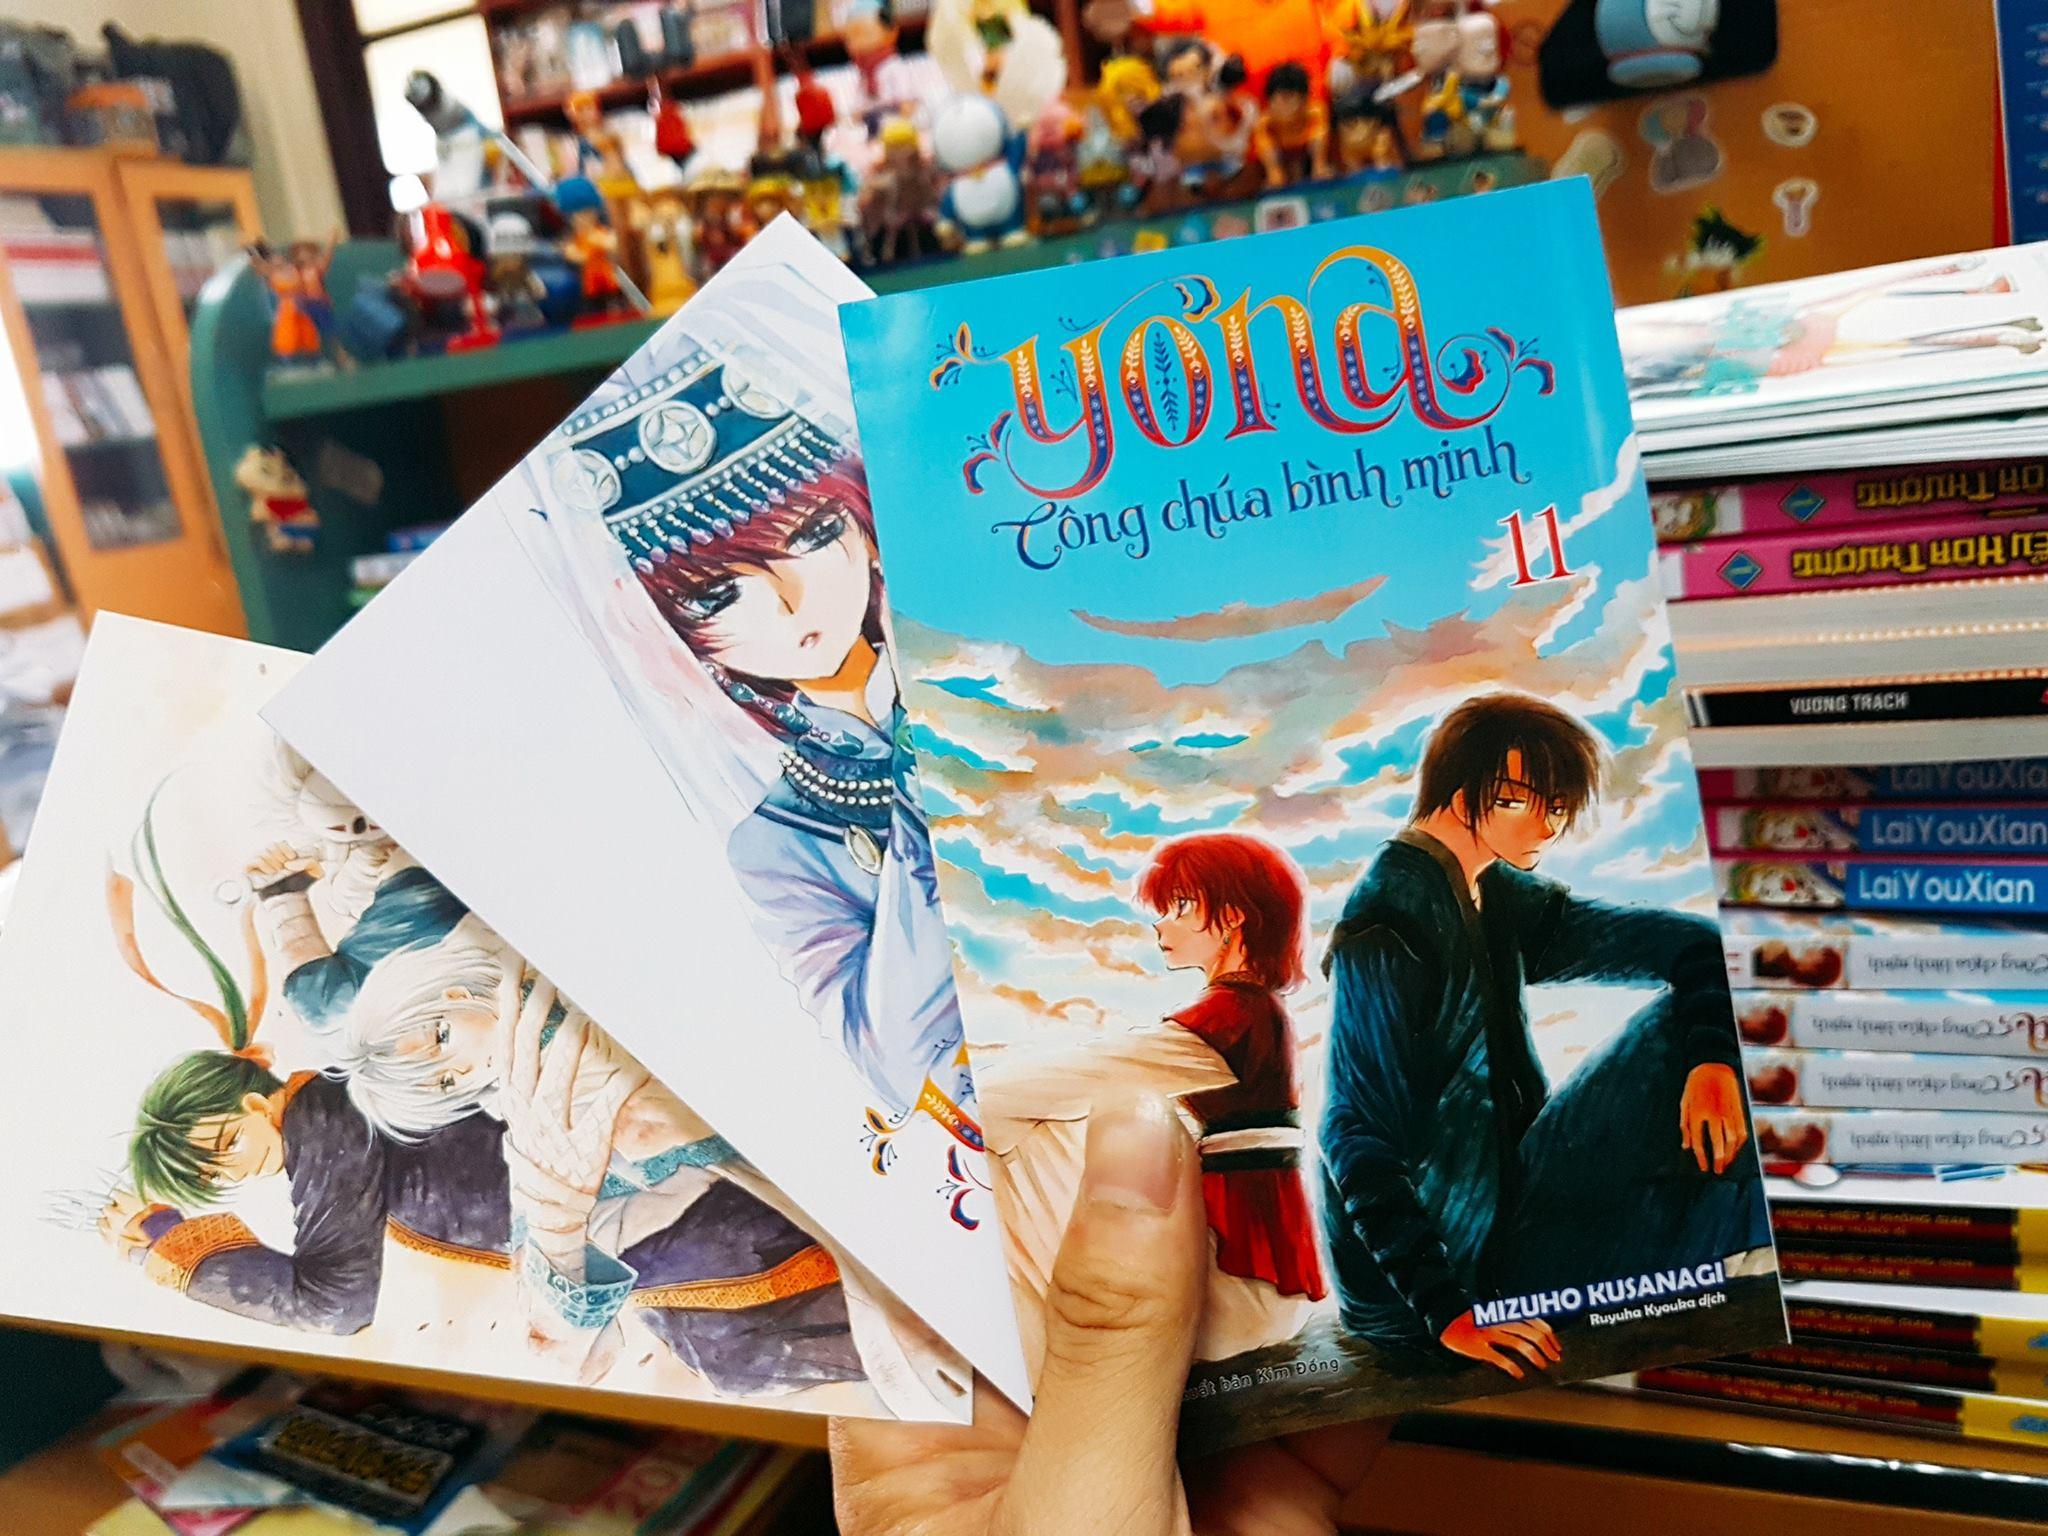 TBQ_【YONA CÔNG CHÚA BÌNH MINH 11】đã được in lại sau đợt lỗi bìa (1)